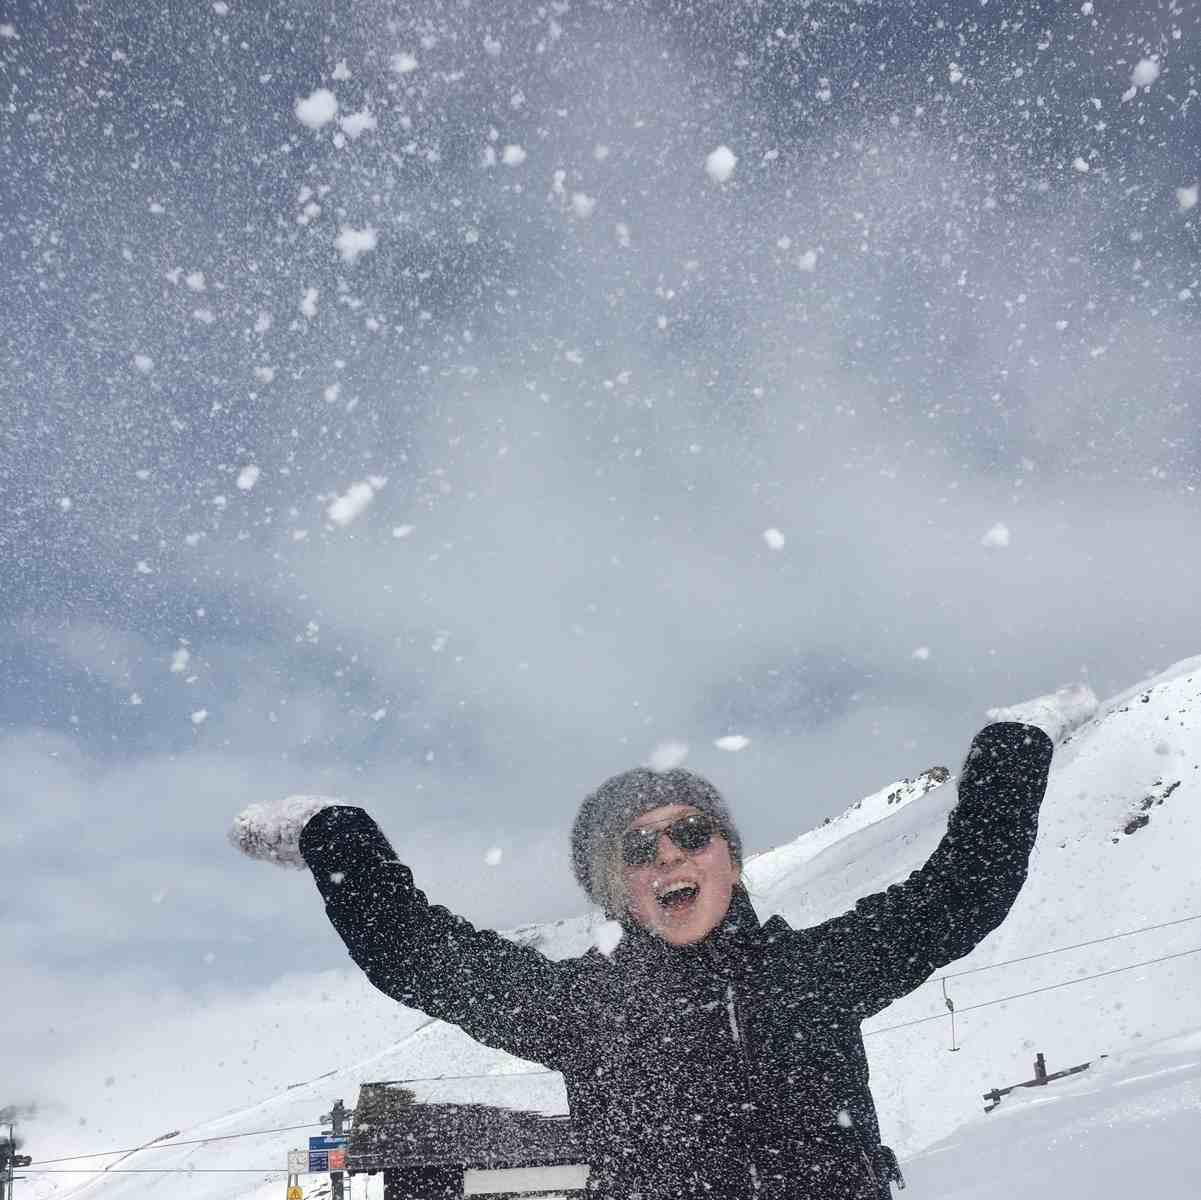 blij-met-sneeuw-kopie